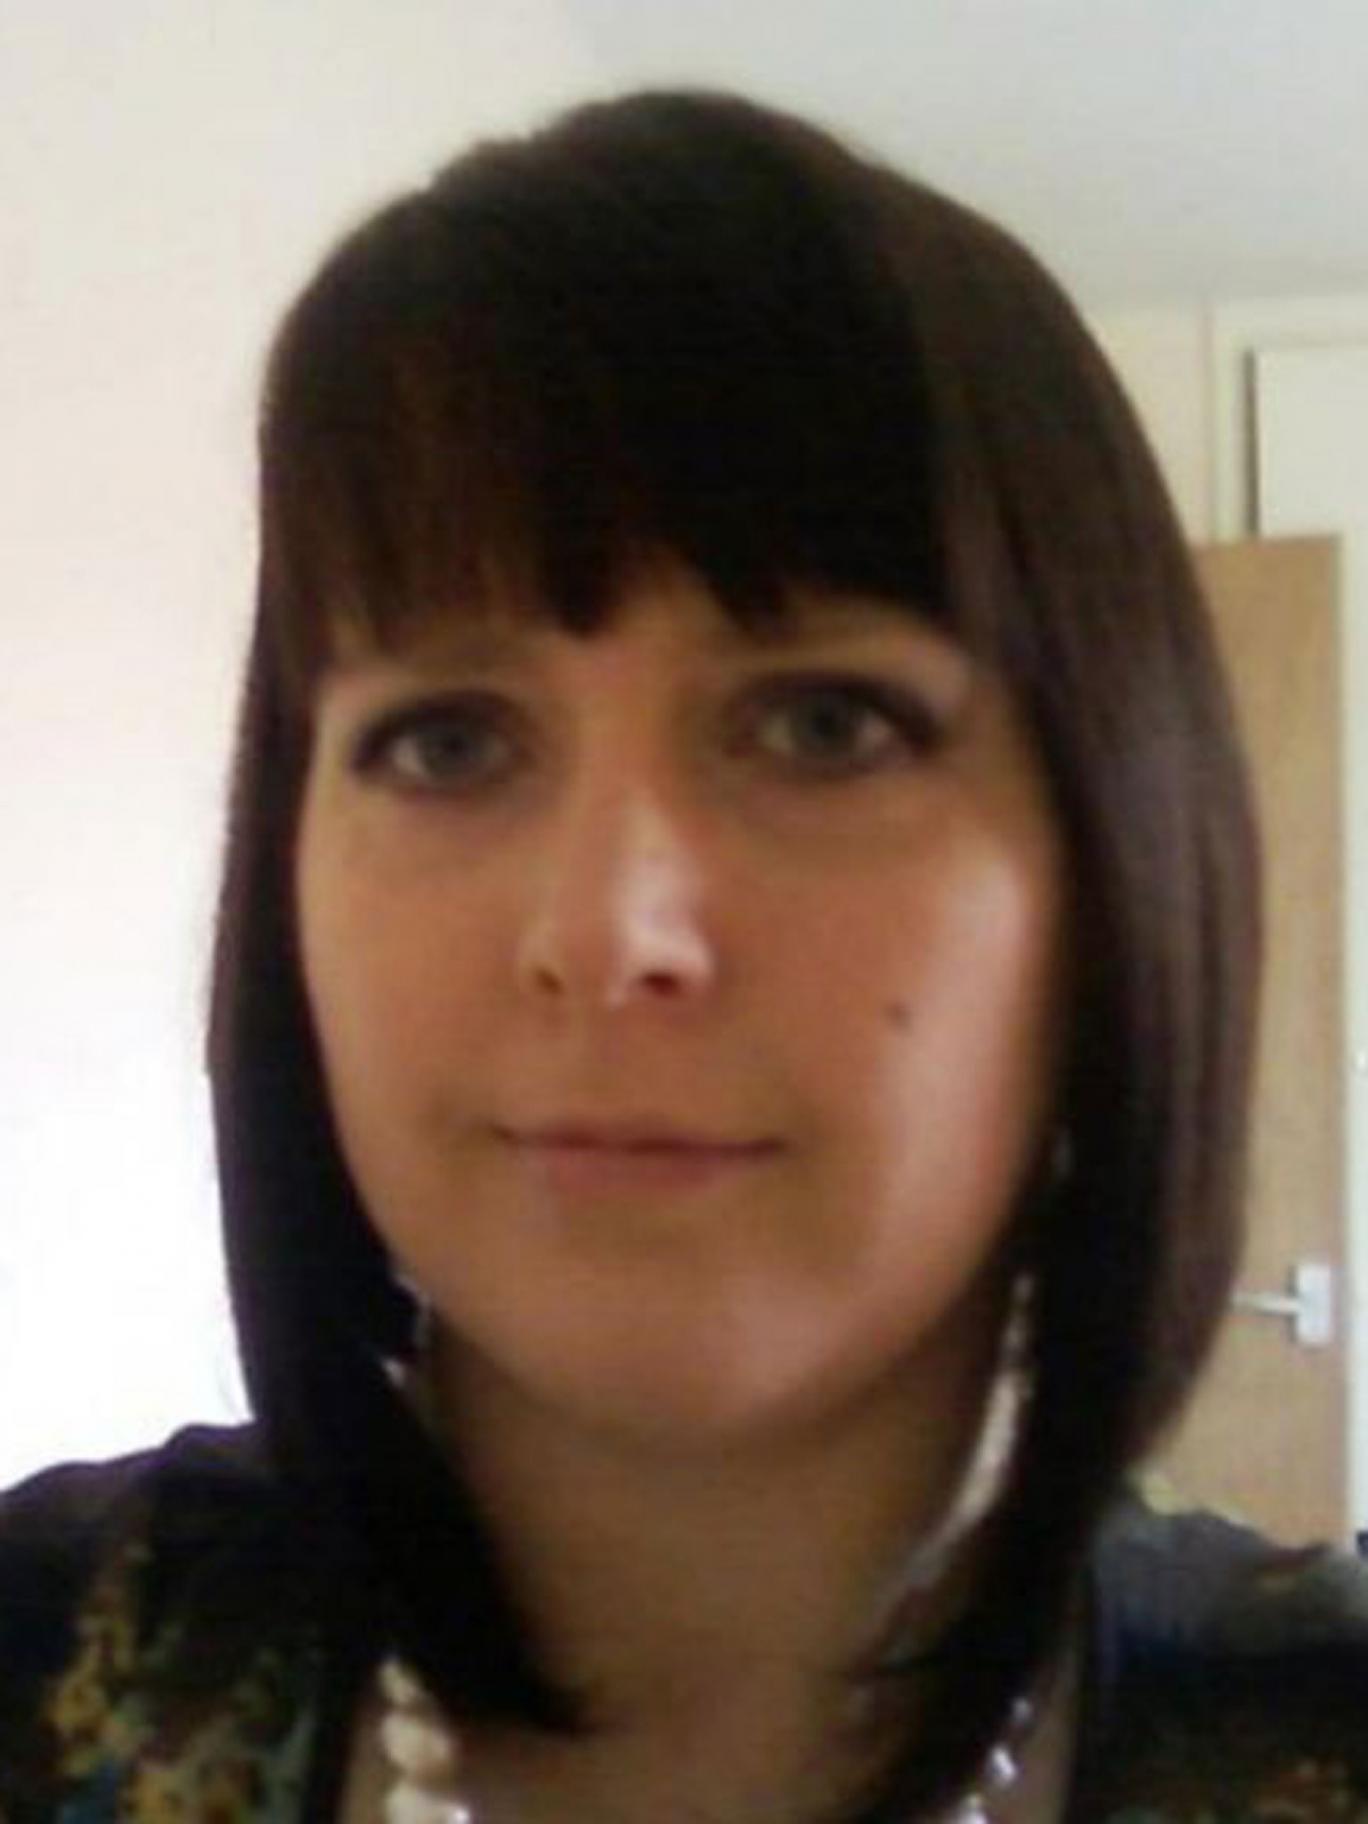 36-year-old Clare Wood was murdered by her ex-boyfriend George Appleton